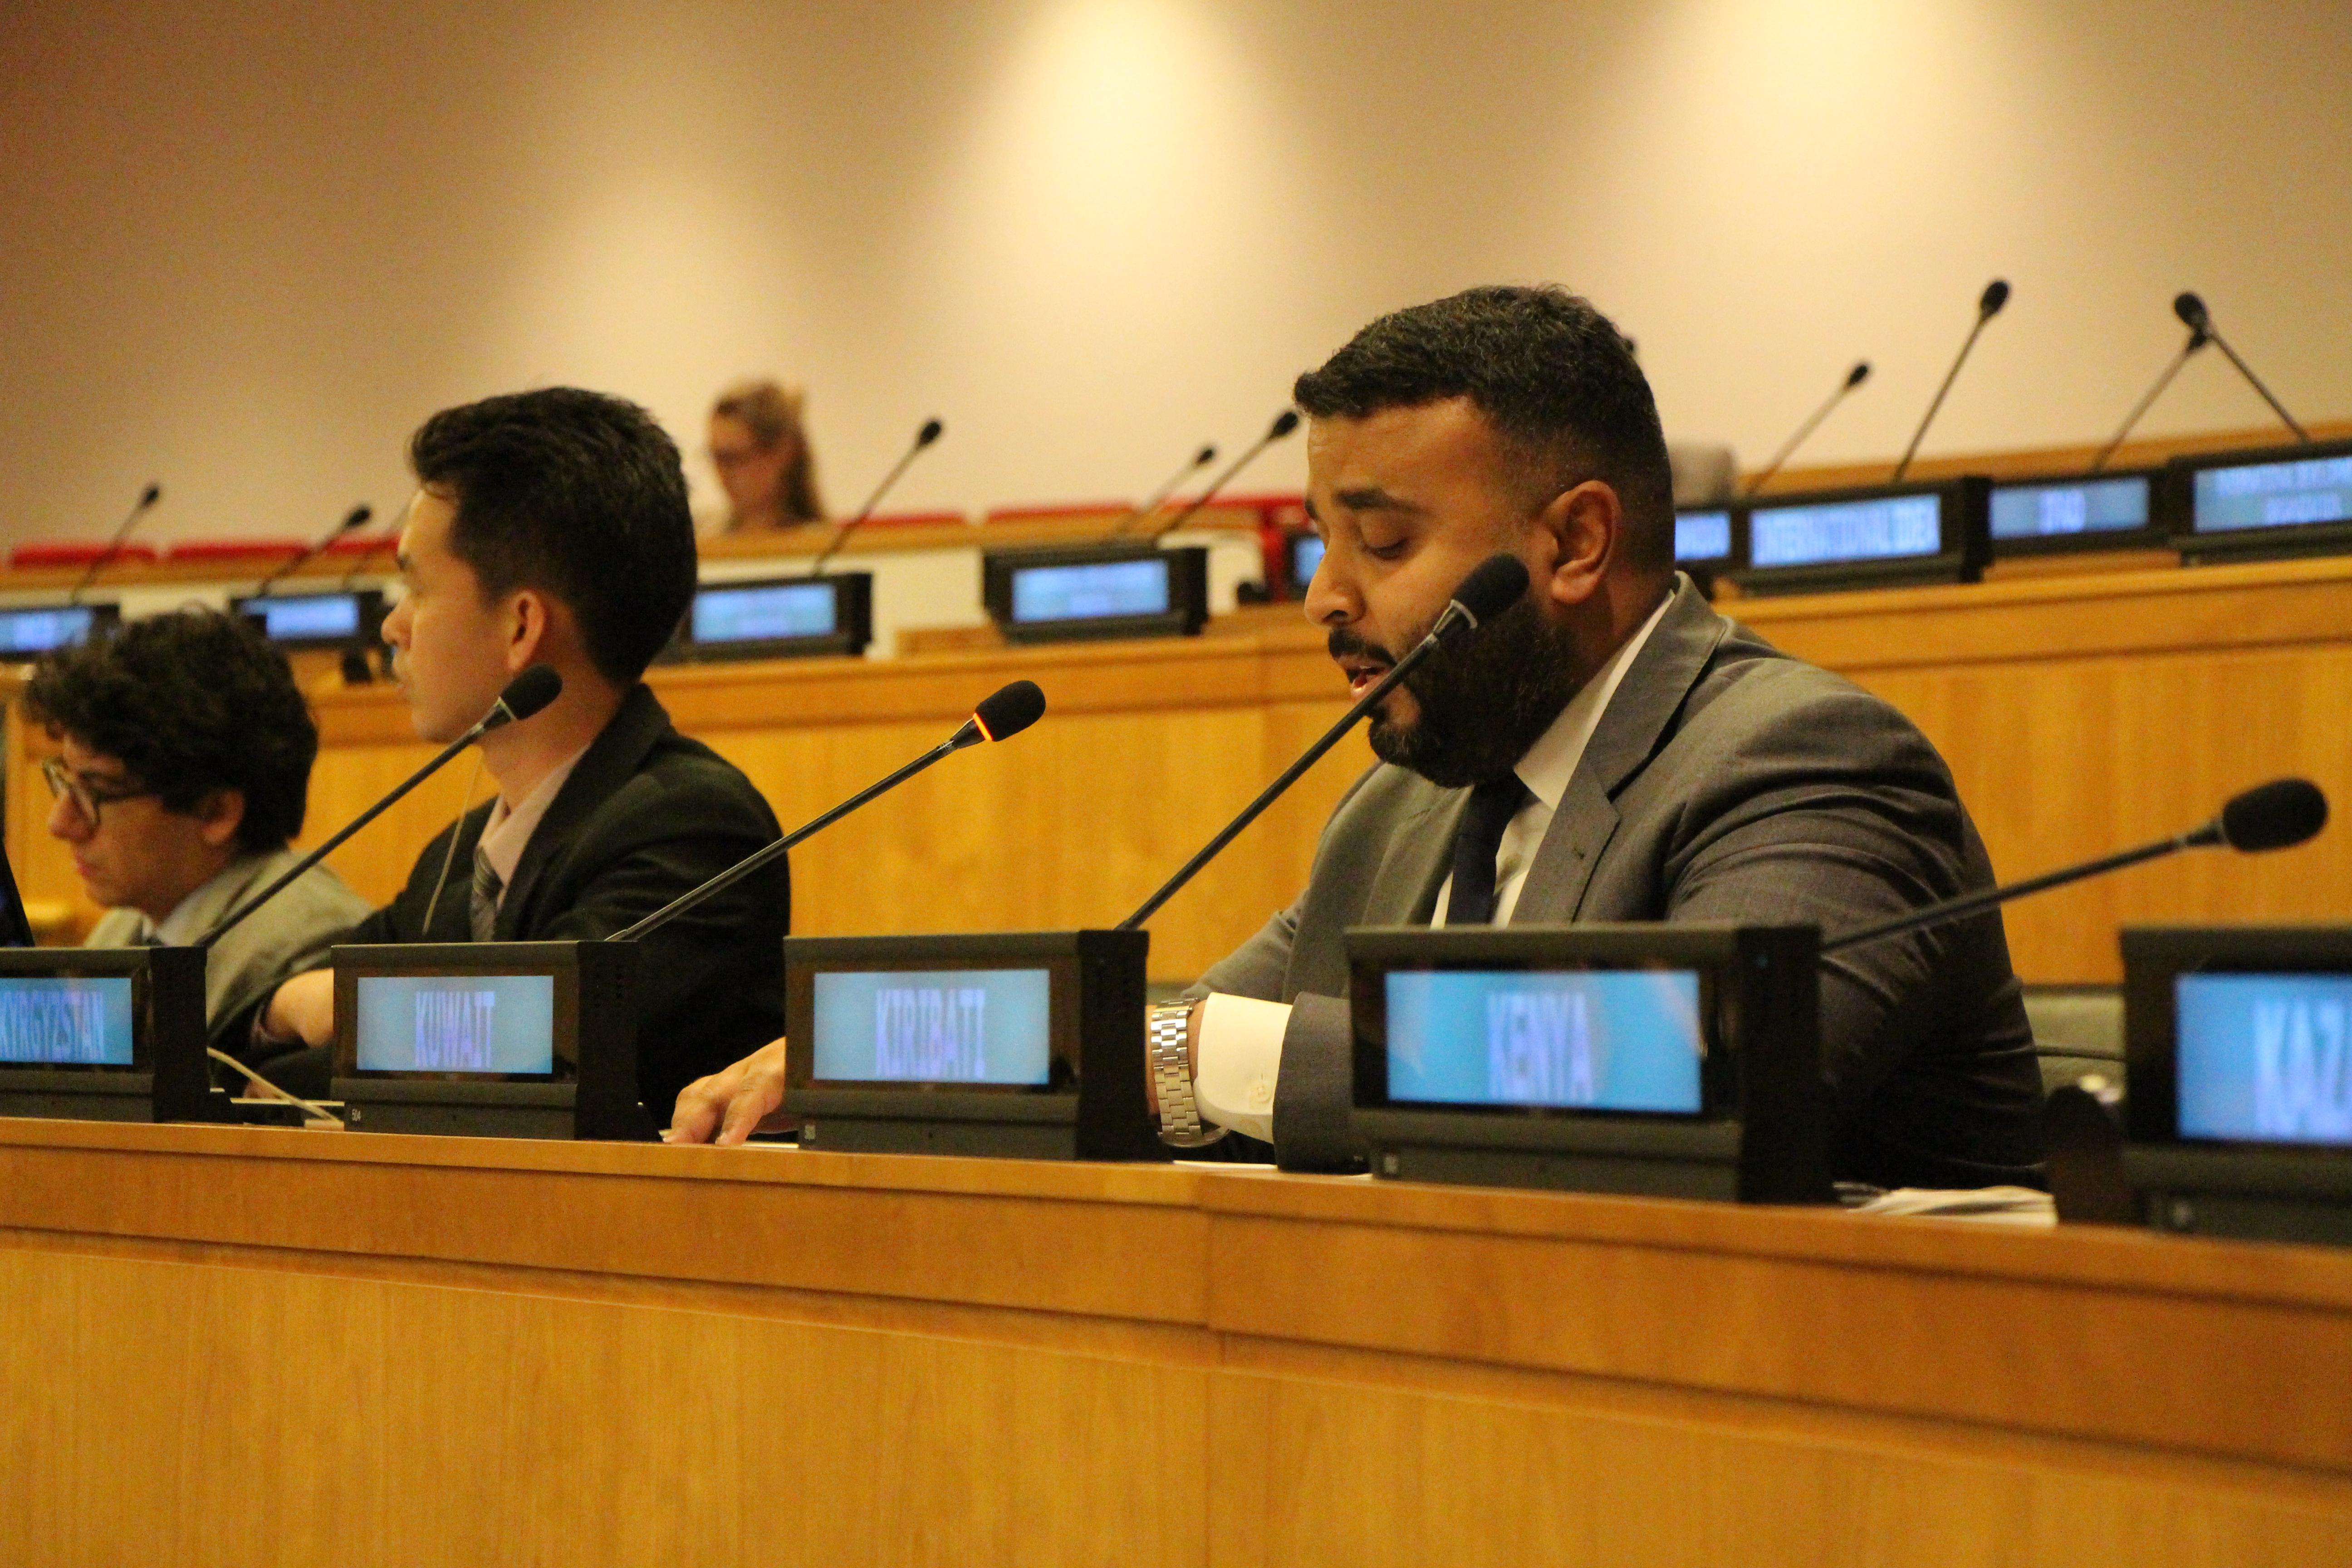 الكويت تؤكد الحرص على تنفيذ الخطط الإنمائية تحت مظلة الأمم المتحدة